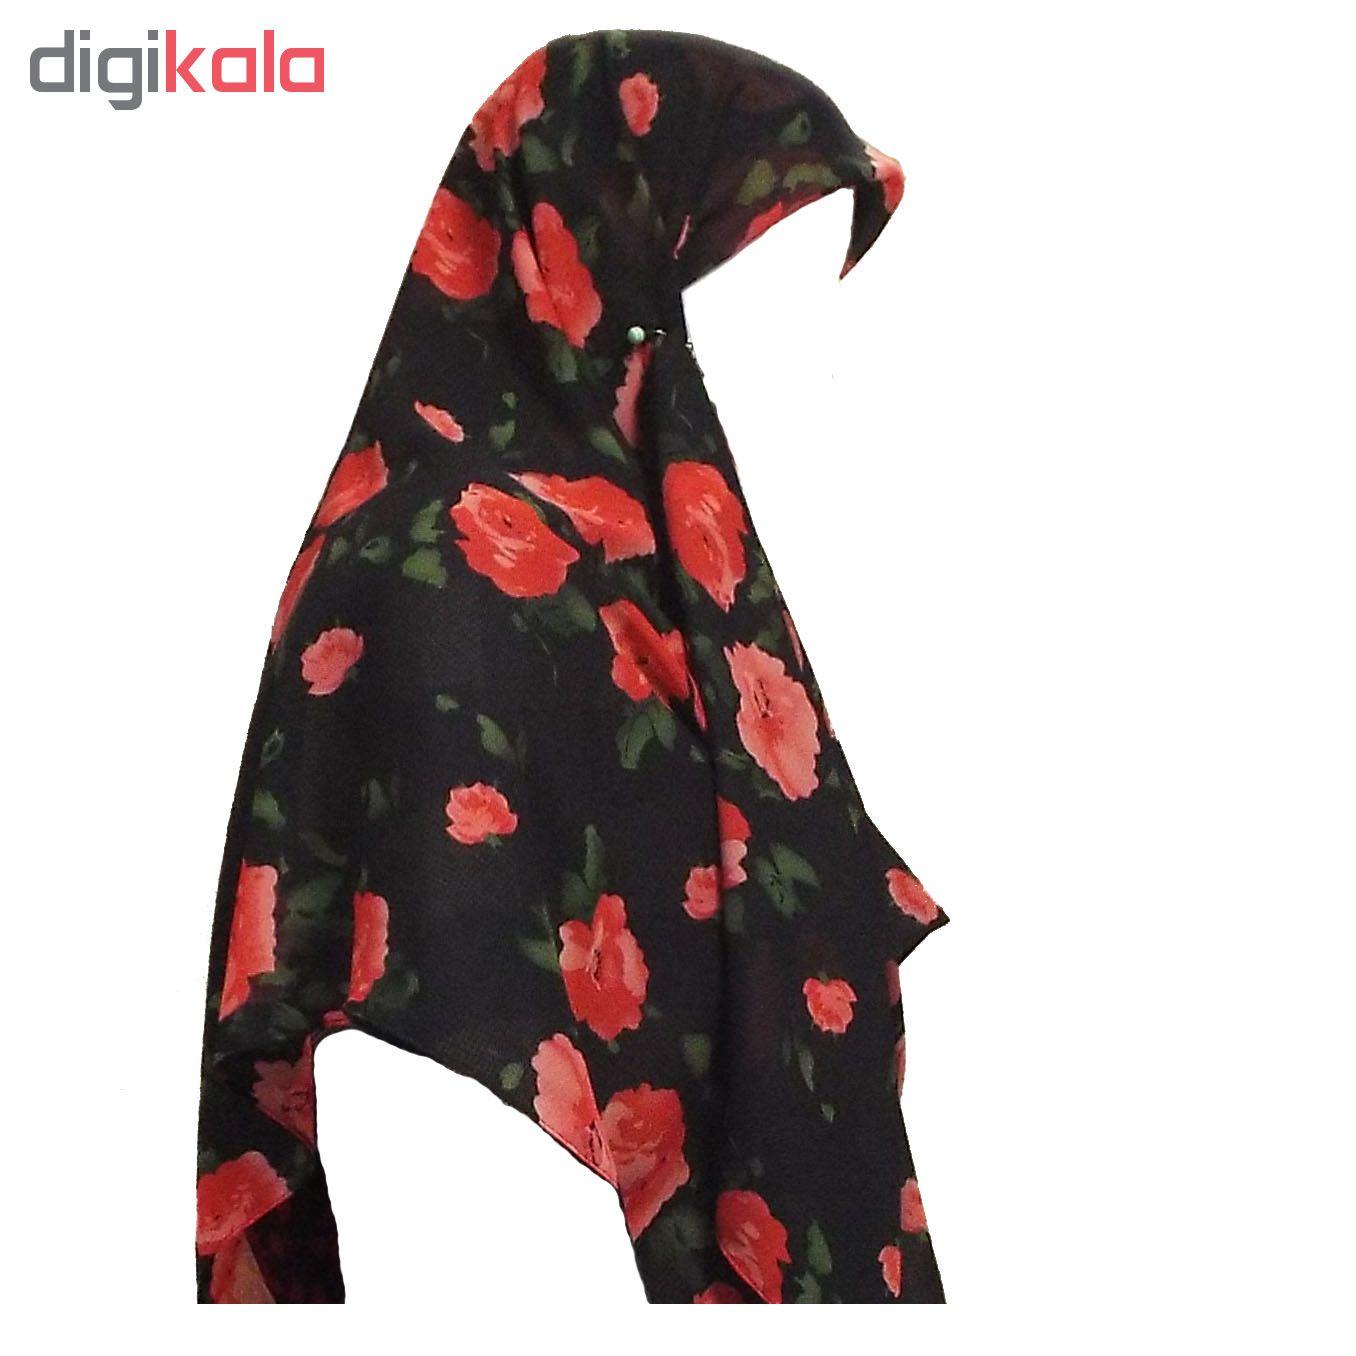 روسری زنانه تبسم کد 1011101 main 1 2